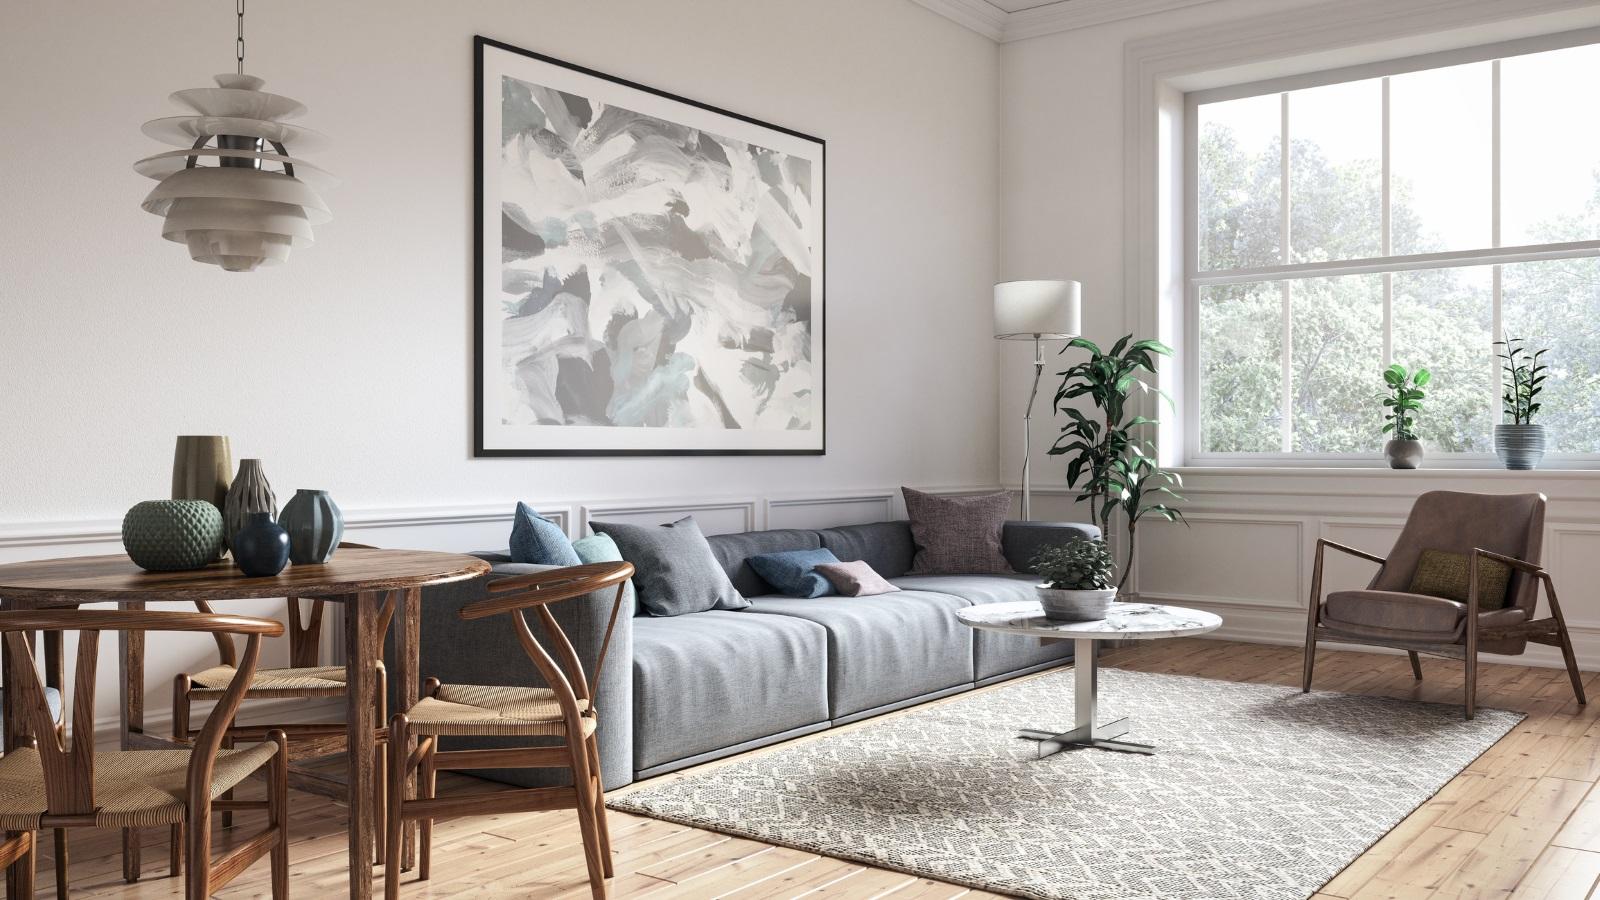 Избирането на килим<br /> Килимът в дневната трябва да е достатъчно голям, за да обхване всички мебели. Повечето хора го ползват по-скоро за декоративен елемент, а не търсят практичната му страна – той защитава пода от надраскване.